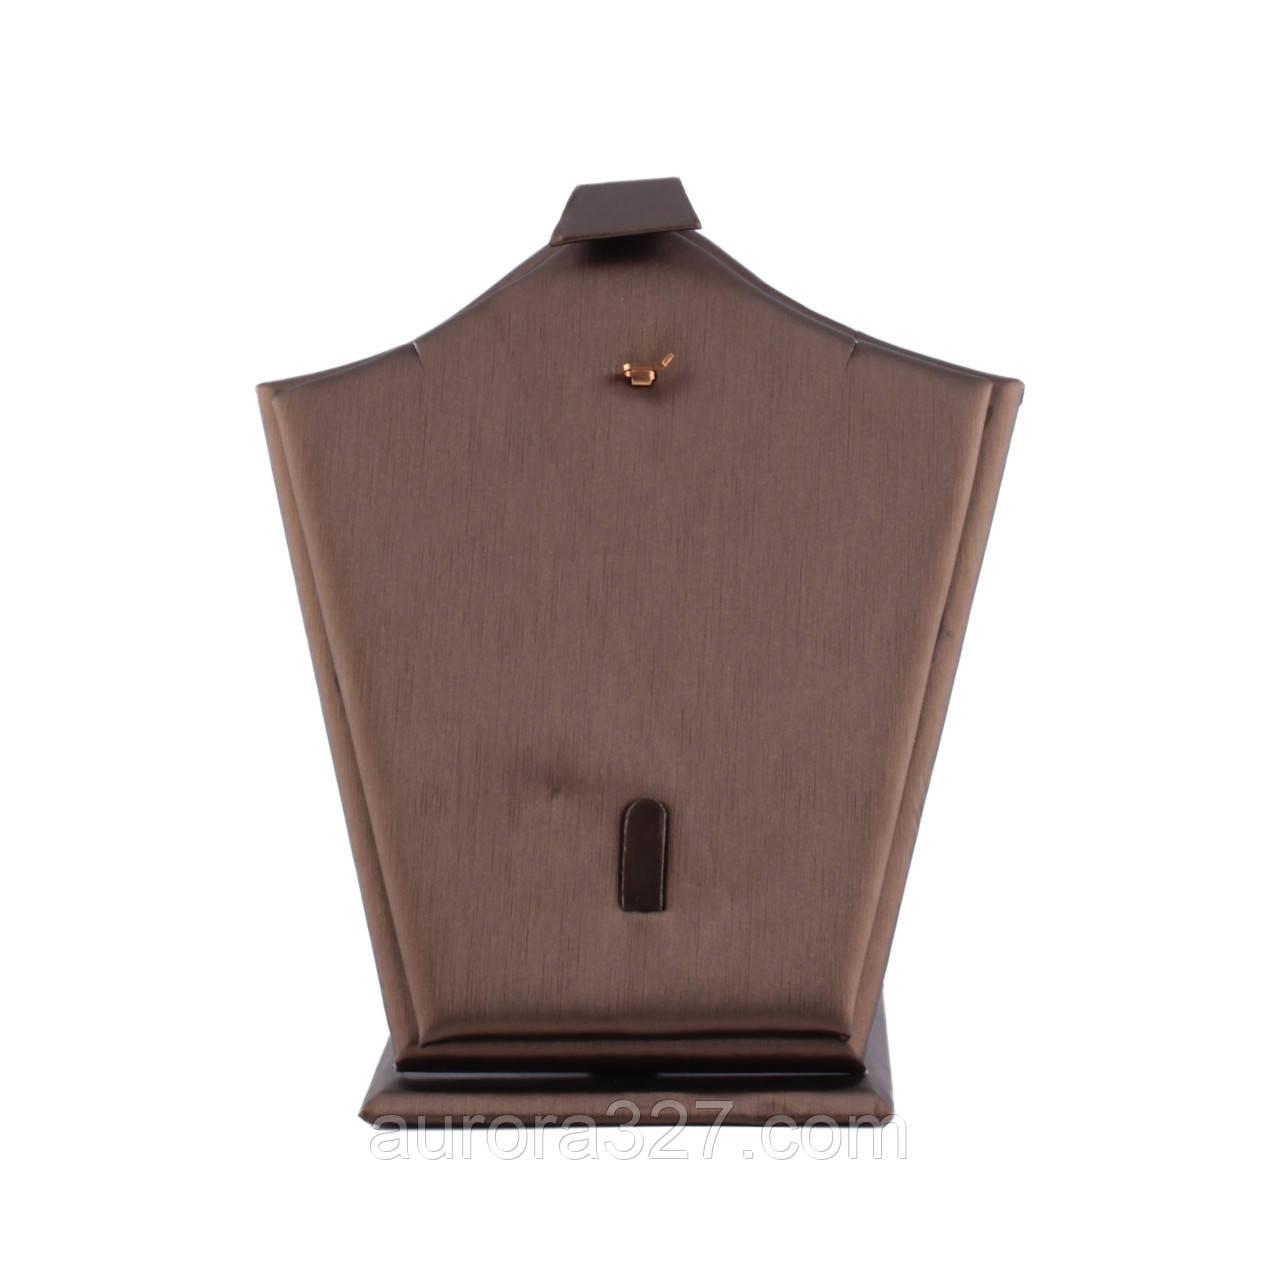 """Подставка под набор """"Цепочка,кулон,кольцо коричневая эко-кожа 19 х 16,5 х 11 см"""""""